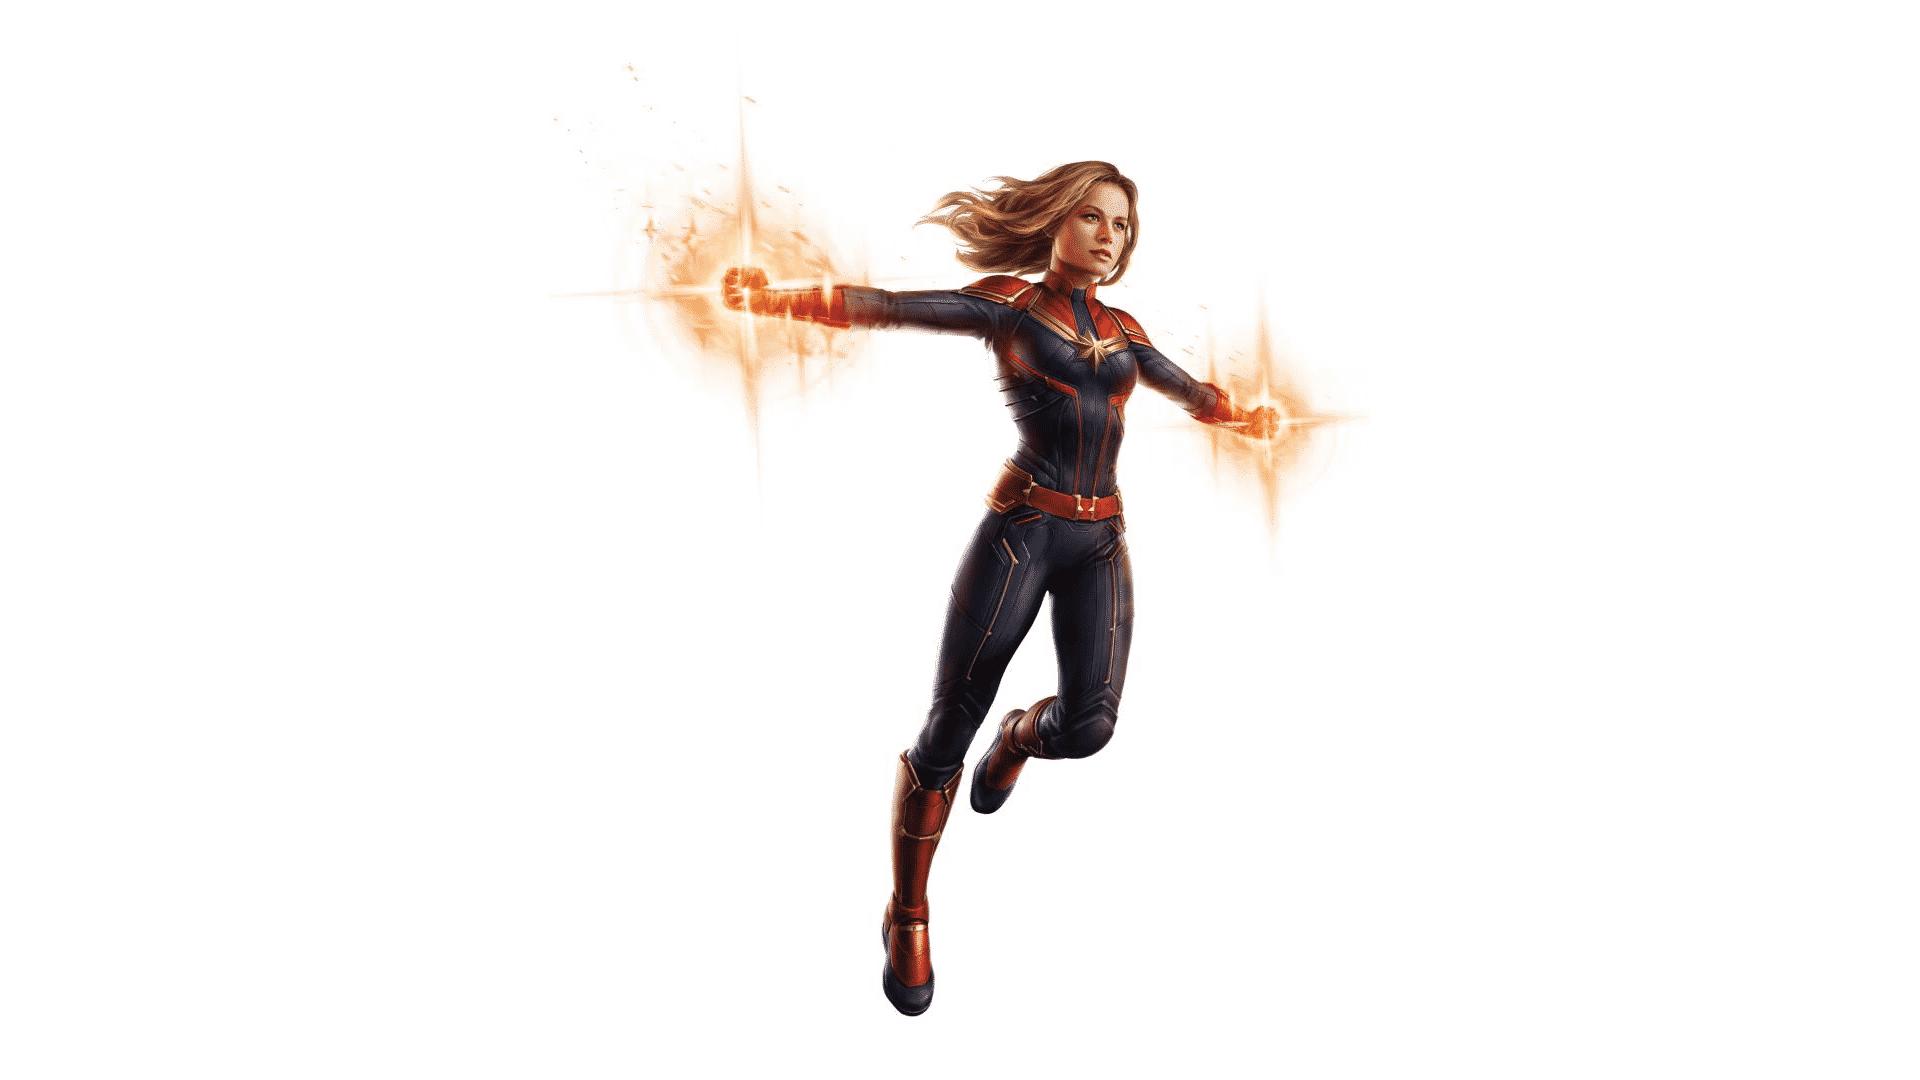 Avengers Endgame 4K images